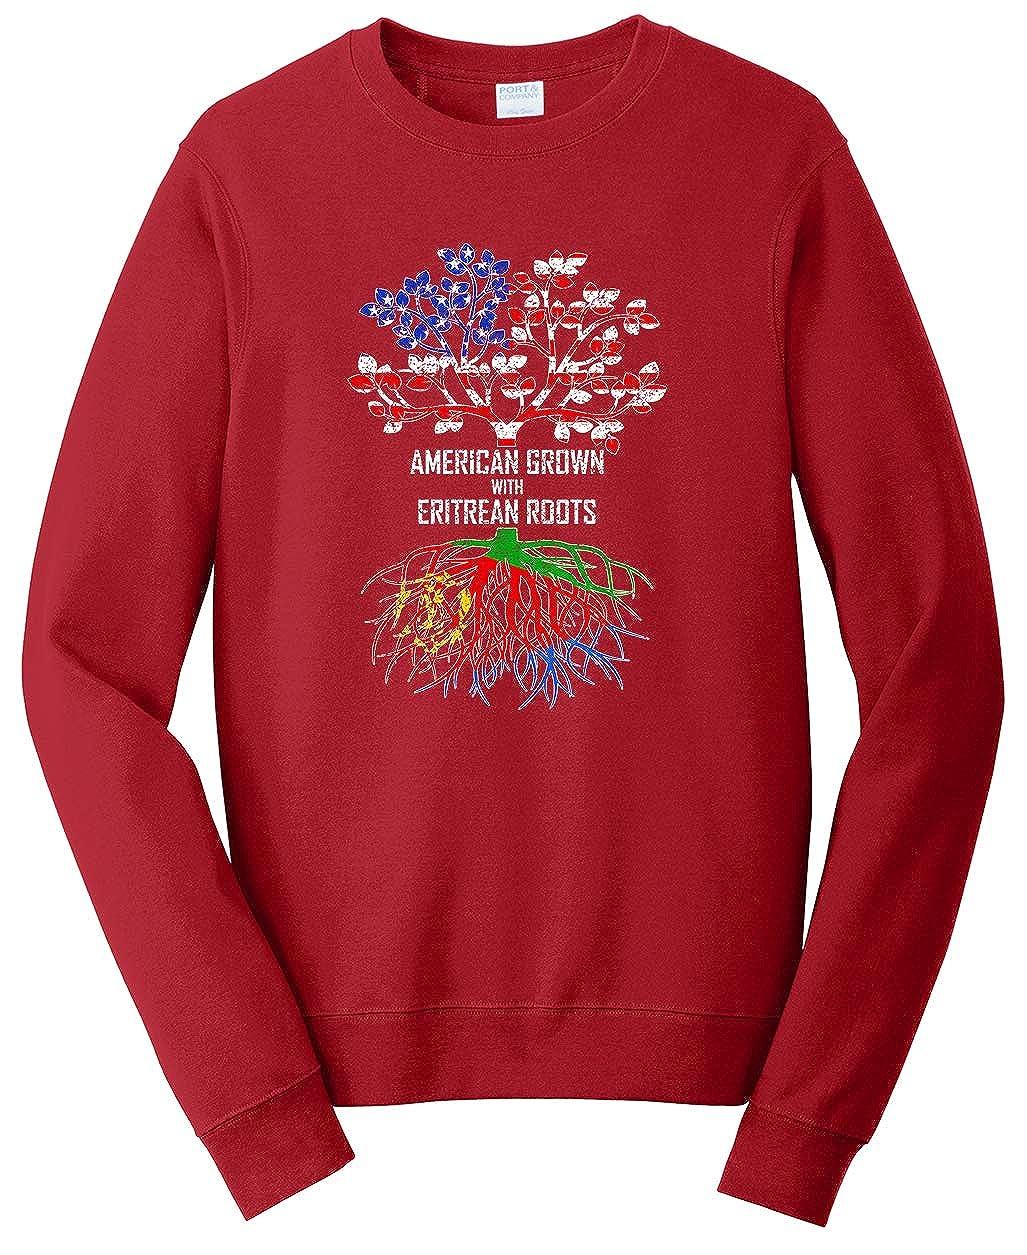 Tenacitee Unisex American Grown with Eritrean Roots Sweatshirt